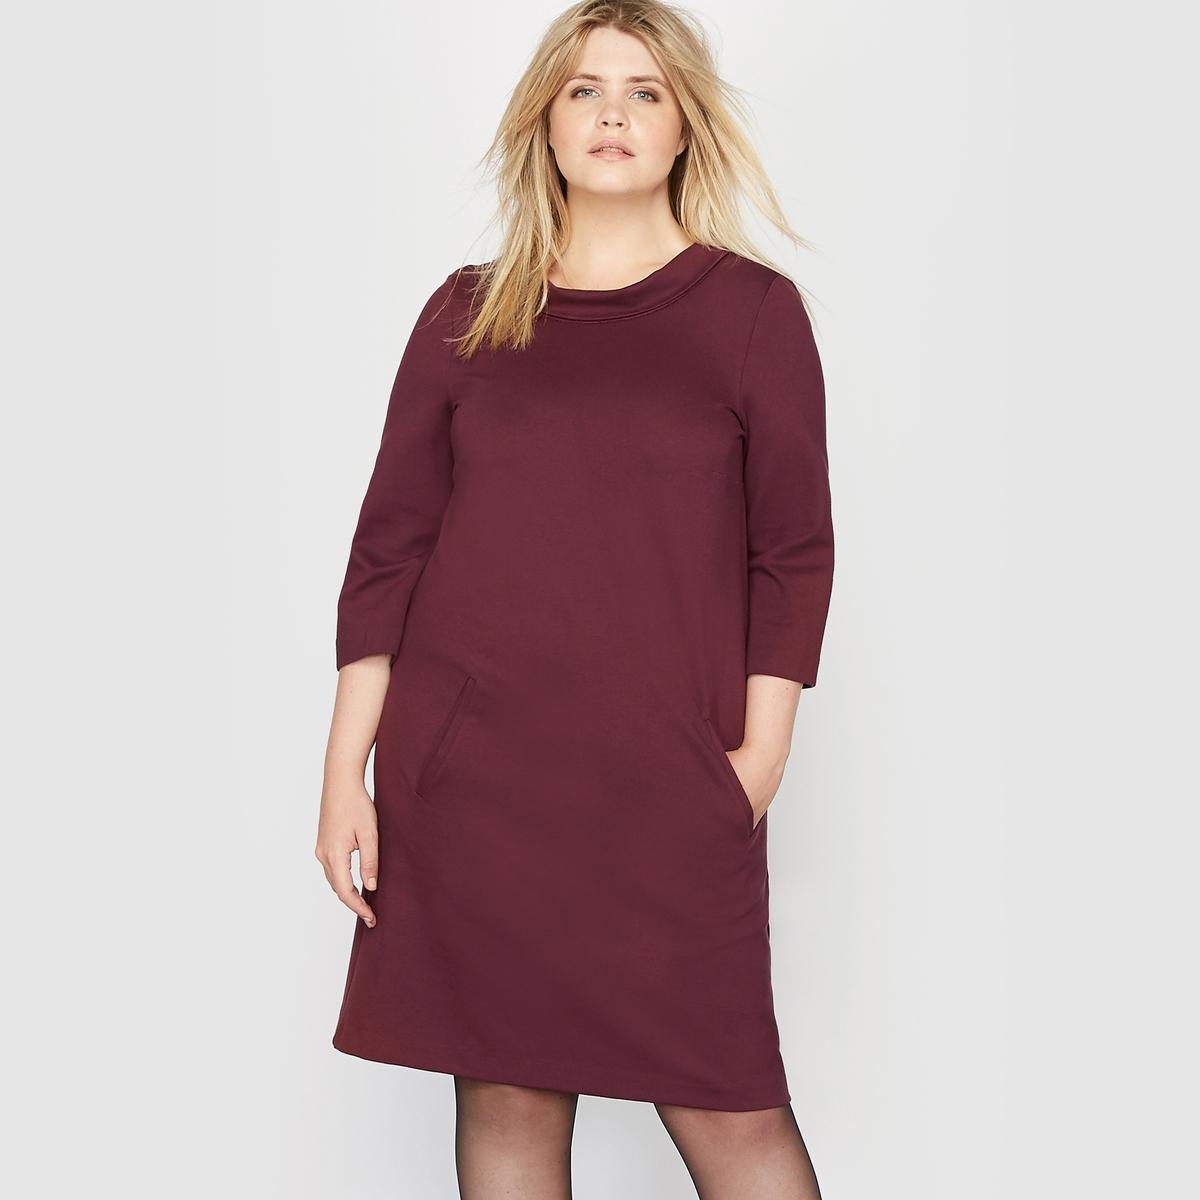 Платье из плотного трикотажа, рукава 3/4Состав и описание :Материал : тяжелый и плотный трикотаж, 70% вискозы, 25% полиамида, 5% эластана.Длина : 94 см для размера 42. Марка : CASTALUNA.Уход :Машинная стирка при 30°.<br><br>Цвет: бордовый